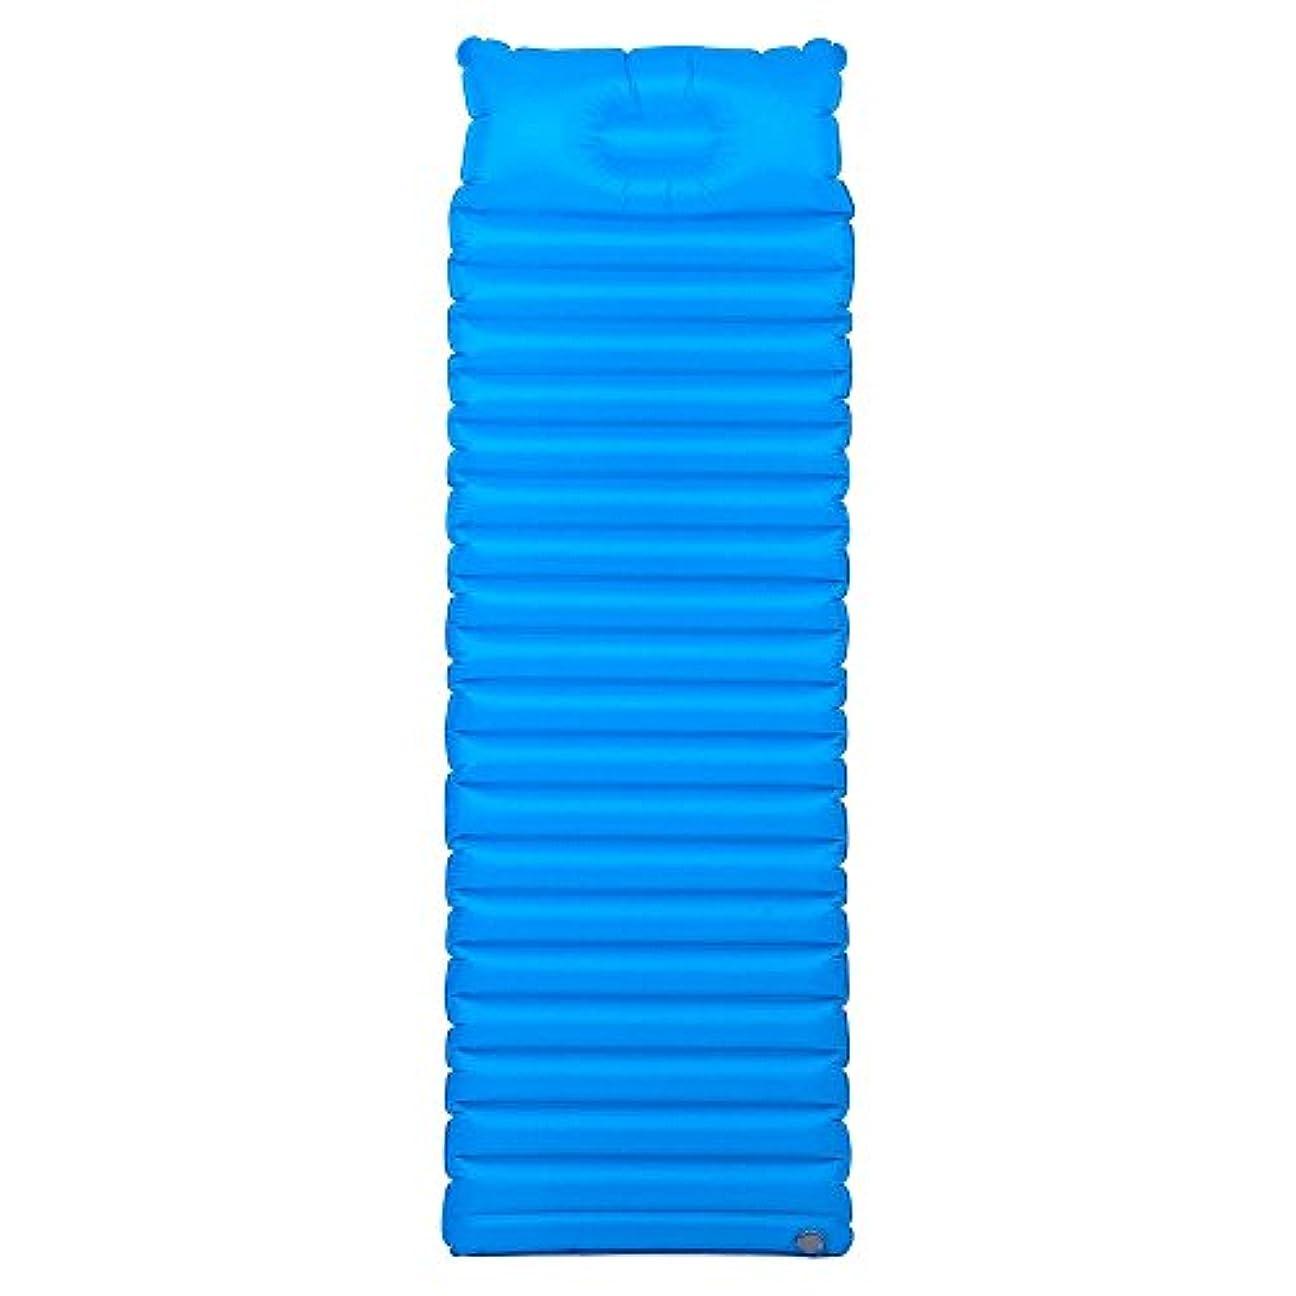 求人処理する比類のないキャンプインフレータブルマット屋外キャンプに適した超軽量の統合TPUポータブル屋外エアクッションキャンプ旅行、シングルベッド ( 色 : 青 )